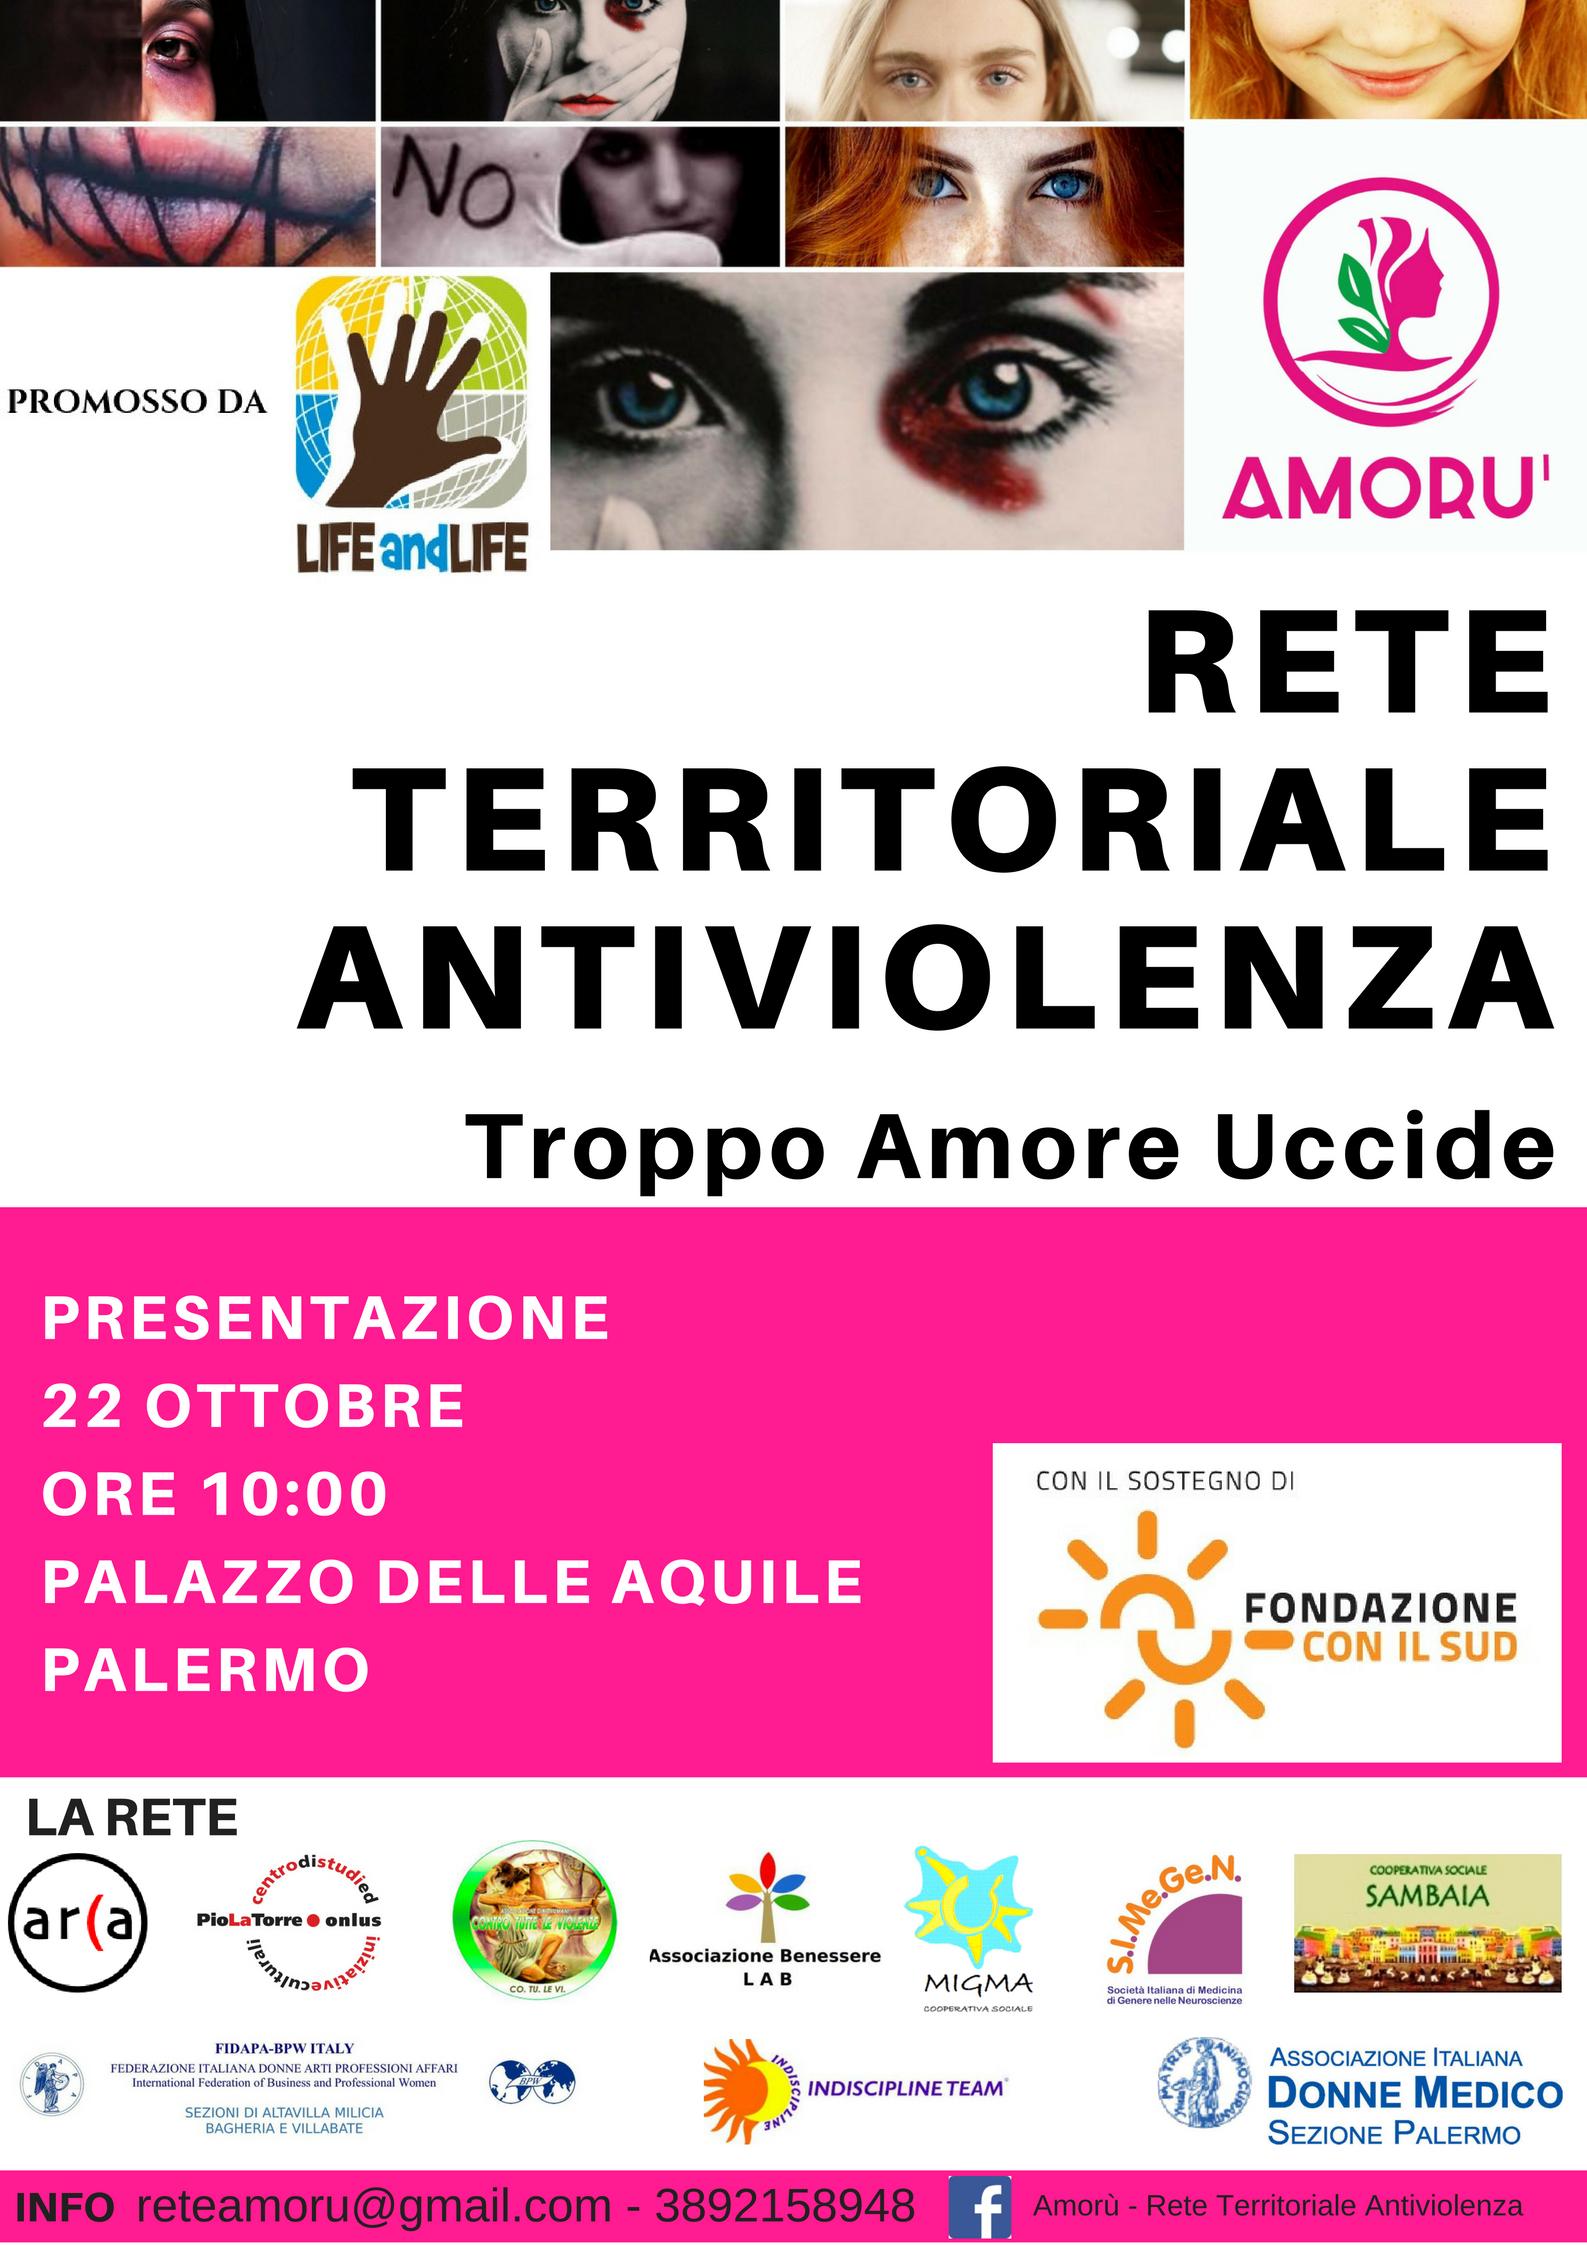 """Nasce """"Amorù"""", nuova rete antiviolenza per i comuni della provincia di Palermo, promossa dalla LIFE AND LIFE e sostenuta da FONDAZIONE CON IL SUD"""